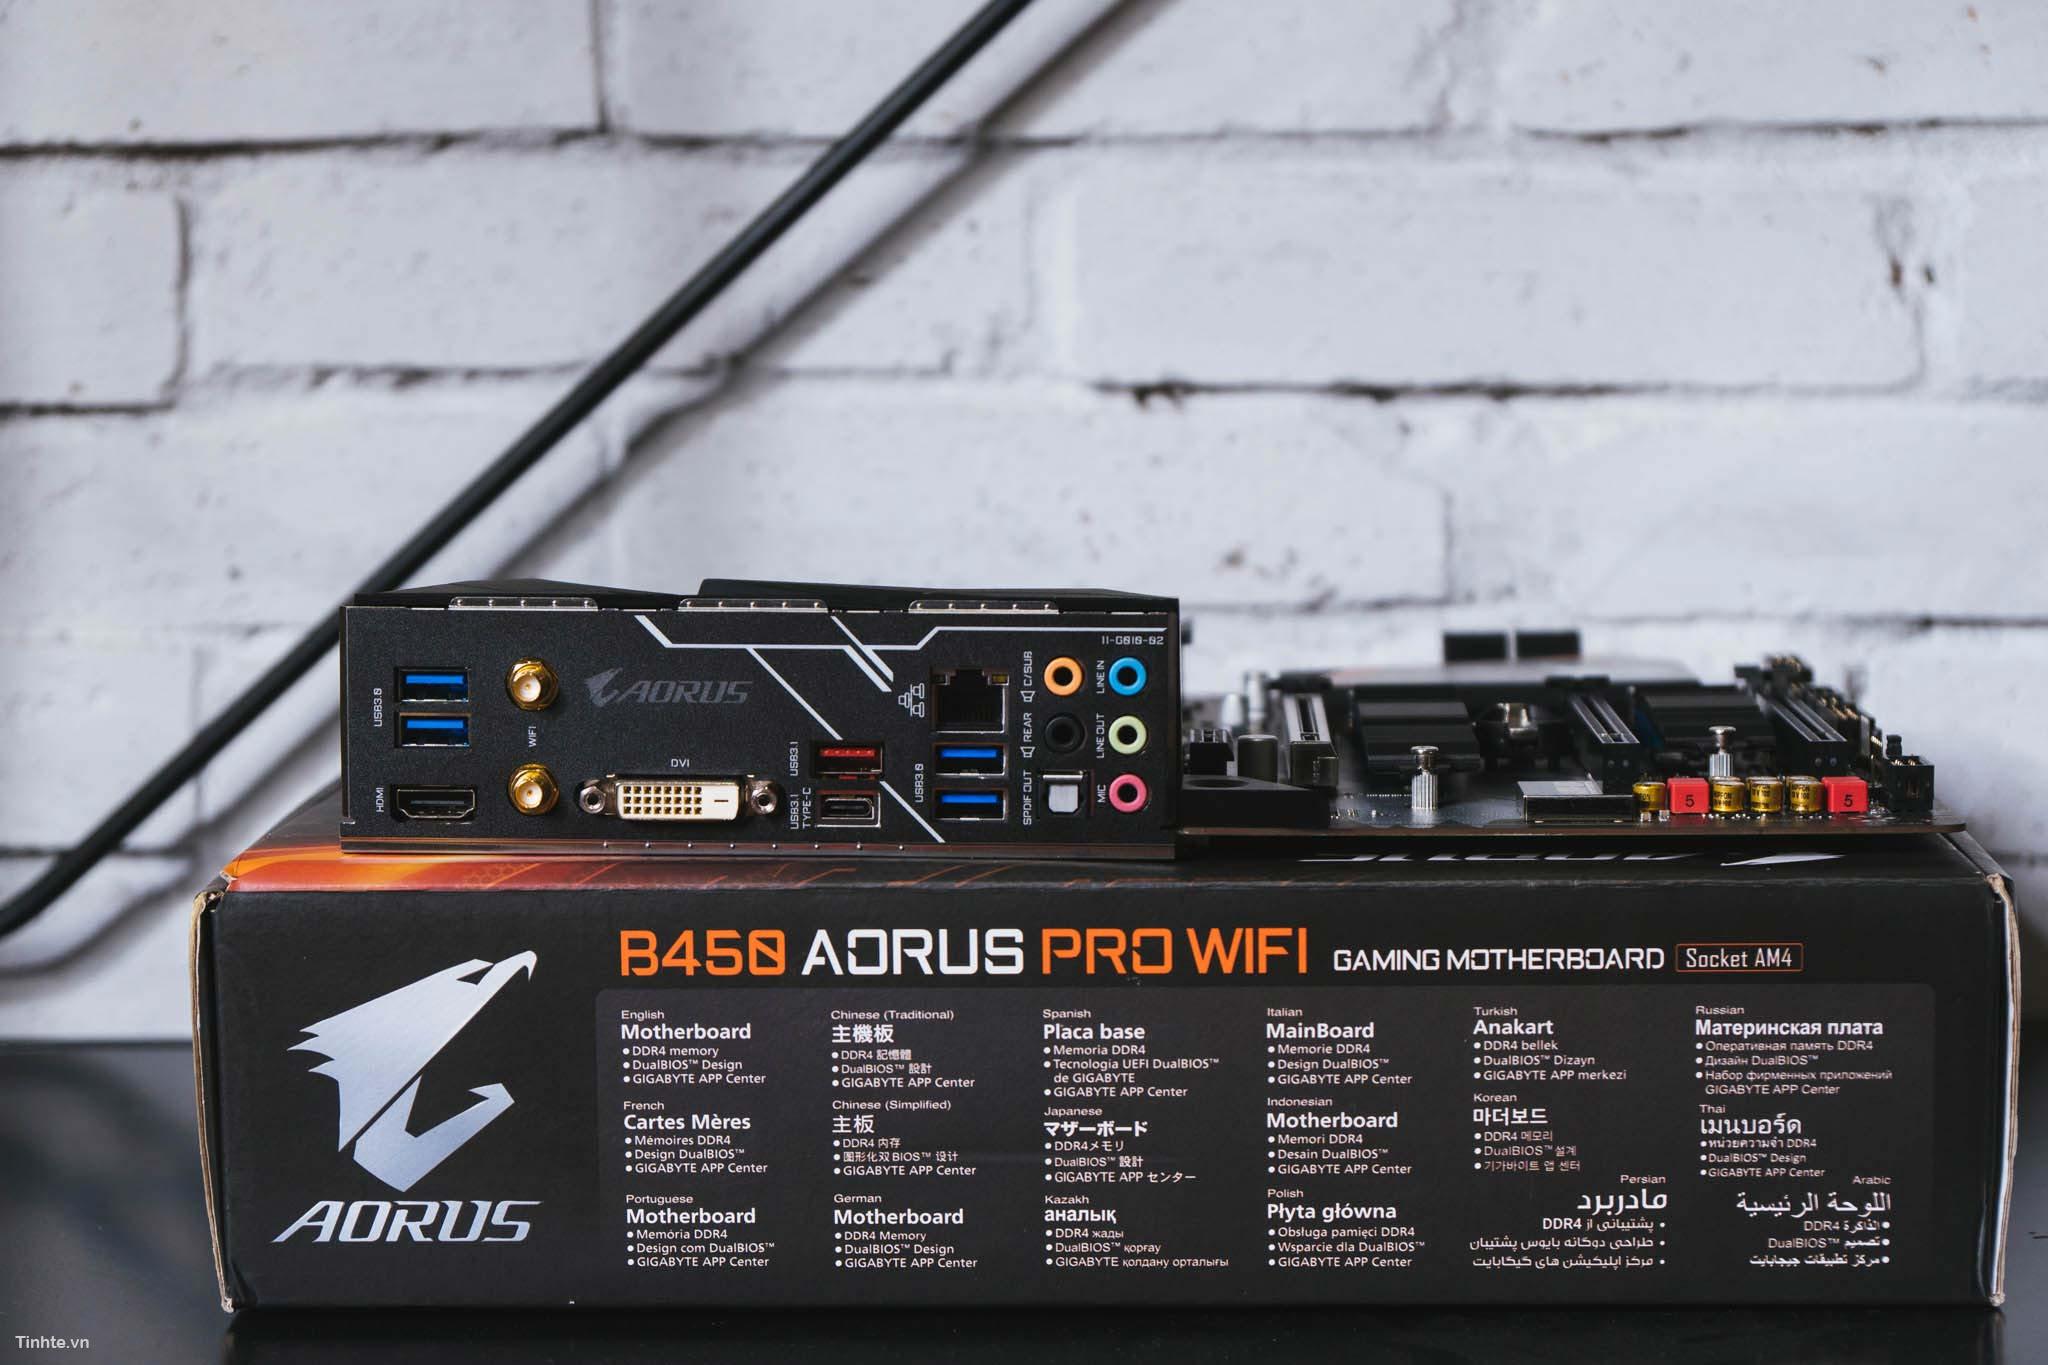 AORUS_B450_wifi-5.jpg